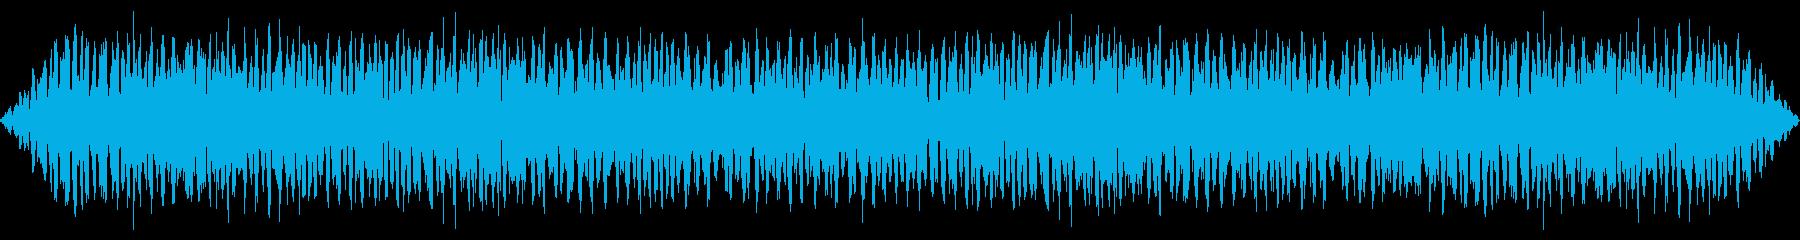 カエルとコオロギの鳴き声【環境音・夏夜】の再生済みの波形